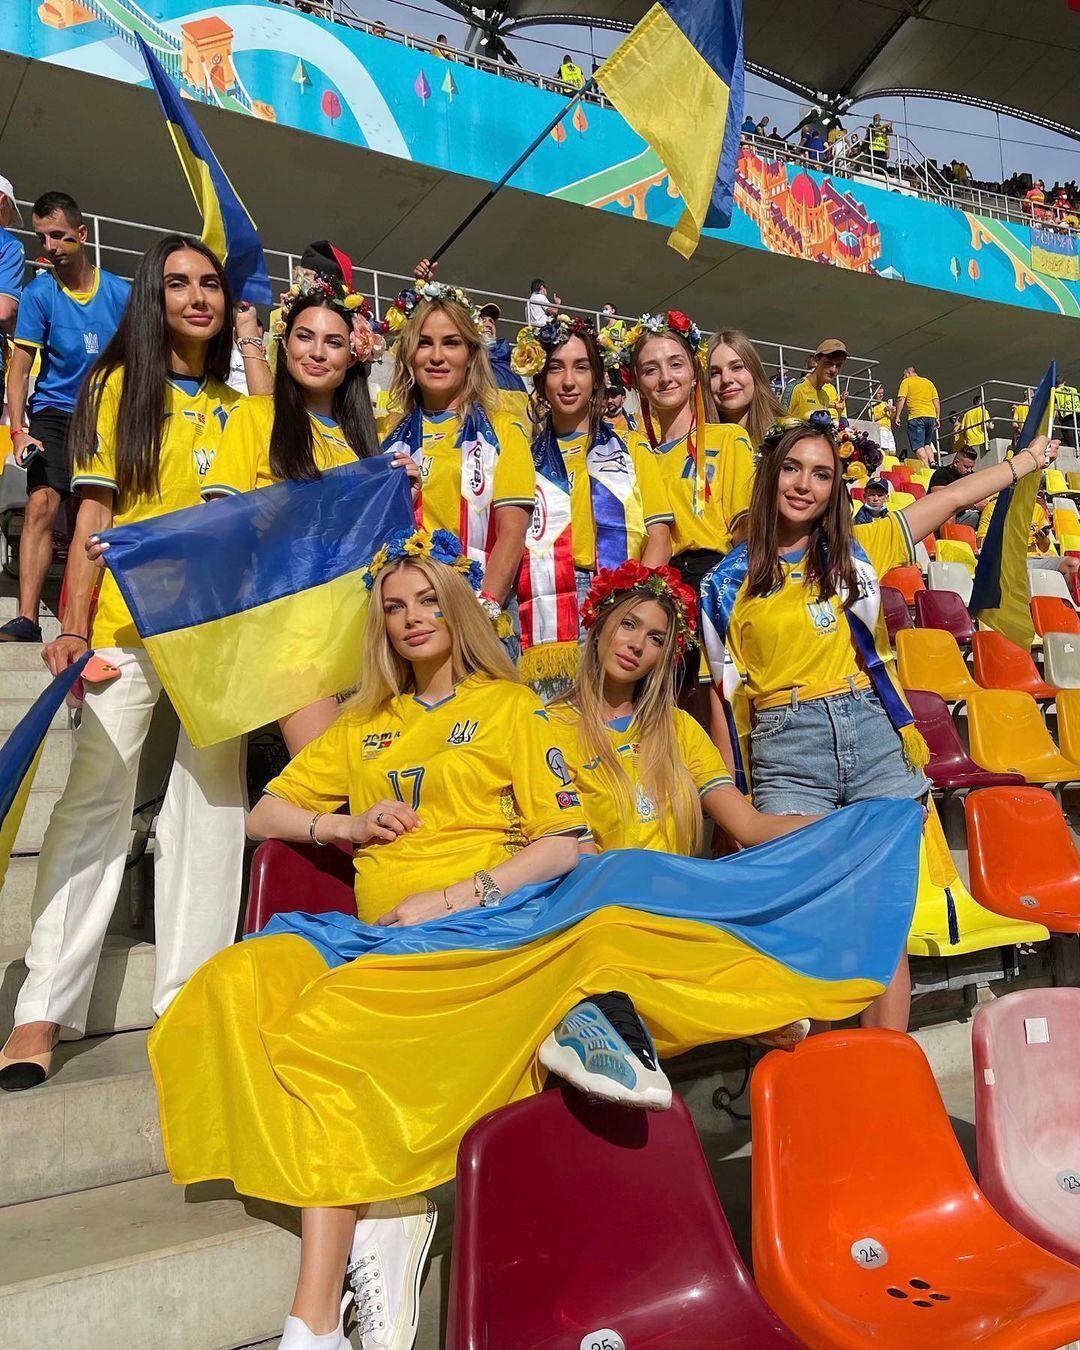 Влада Седан Щеглова с женами других игроков сборной